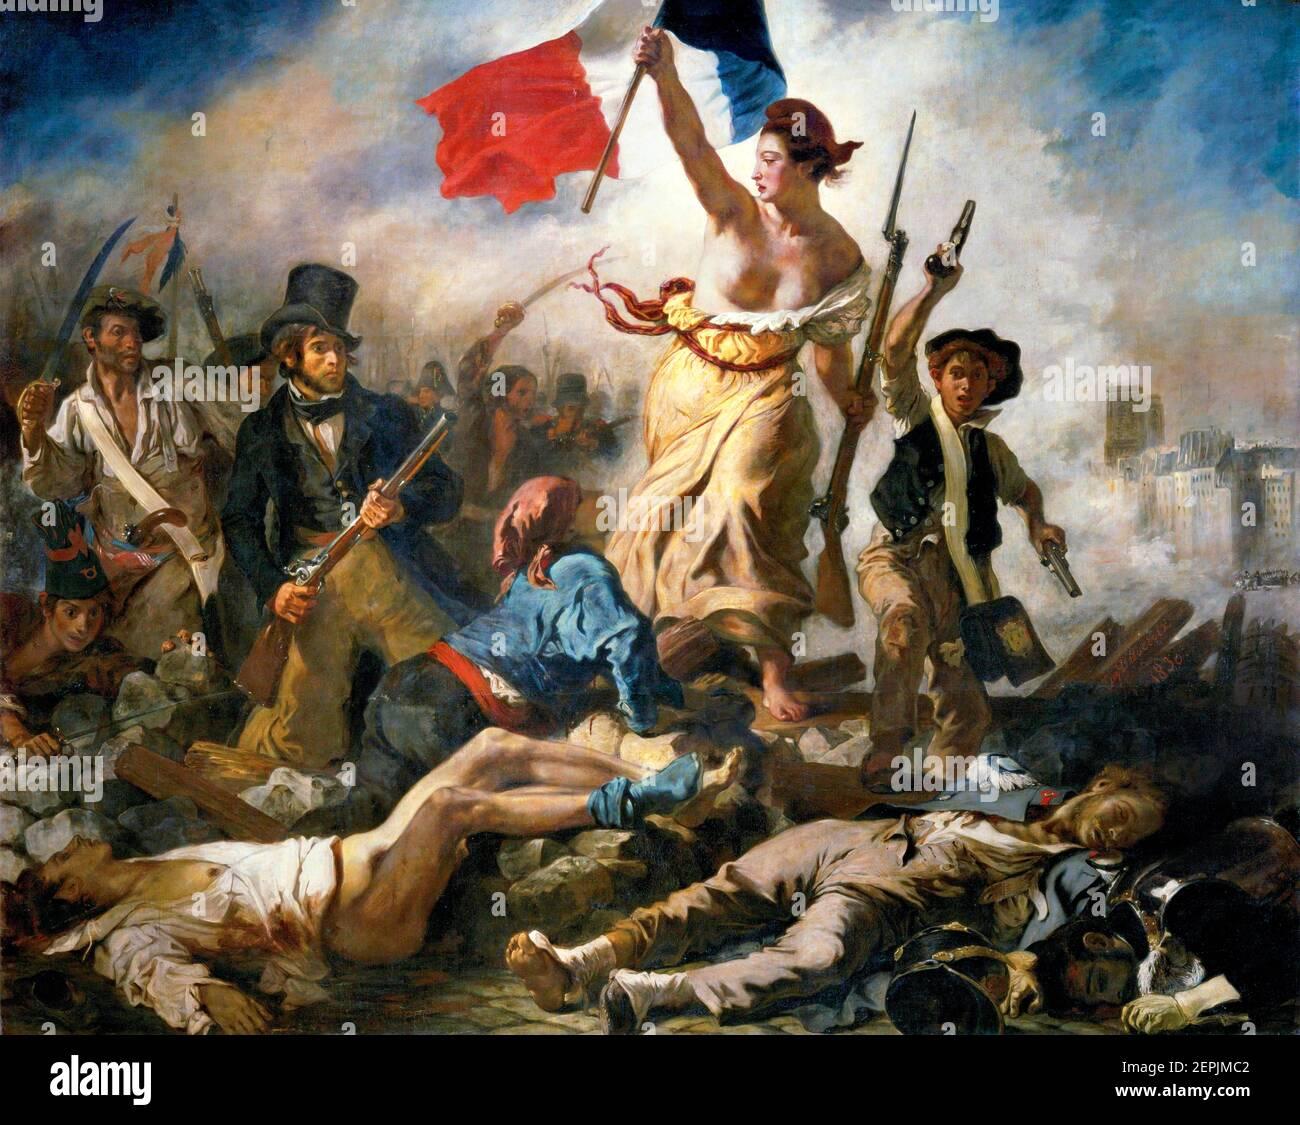 """Delacroix, Liberty Leading the People. """"La Liberté guidant le peuple"""" by Eugène Delacroix (1798-1863), oil on canvas, 1830 Stock Photo"""